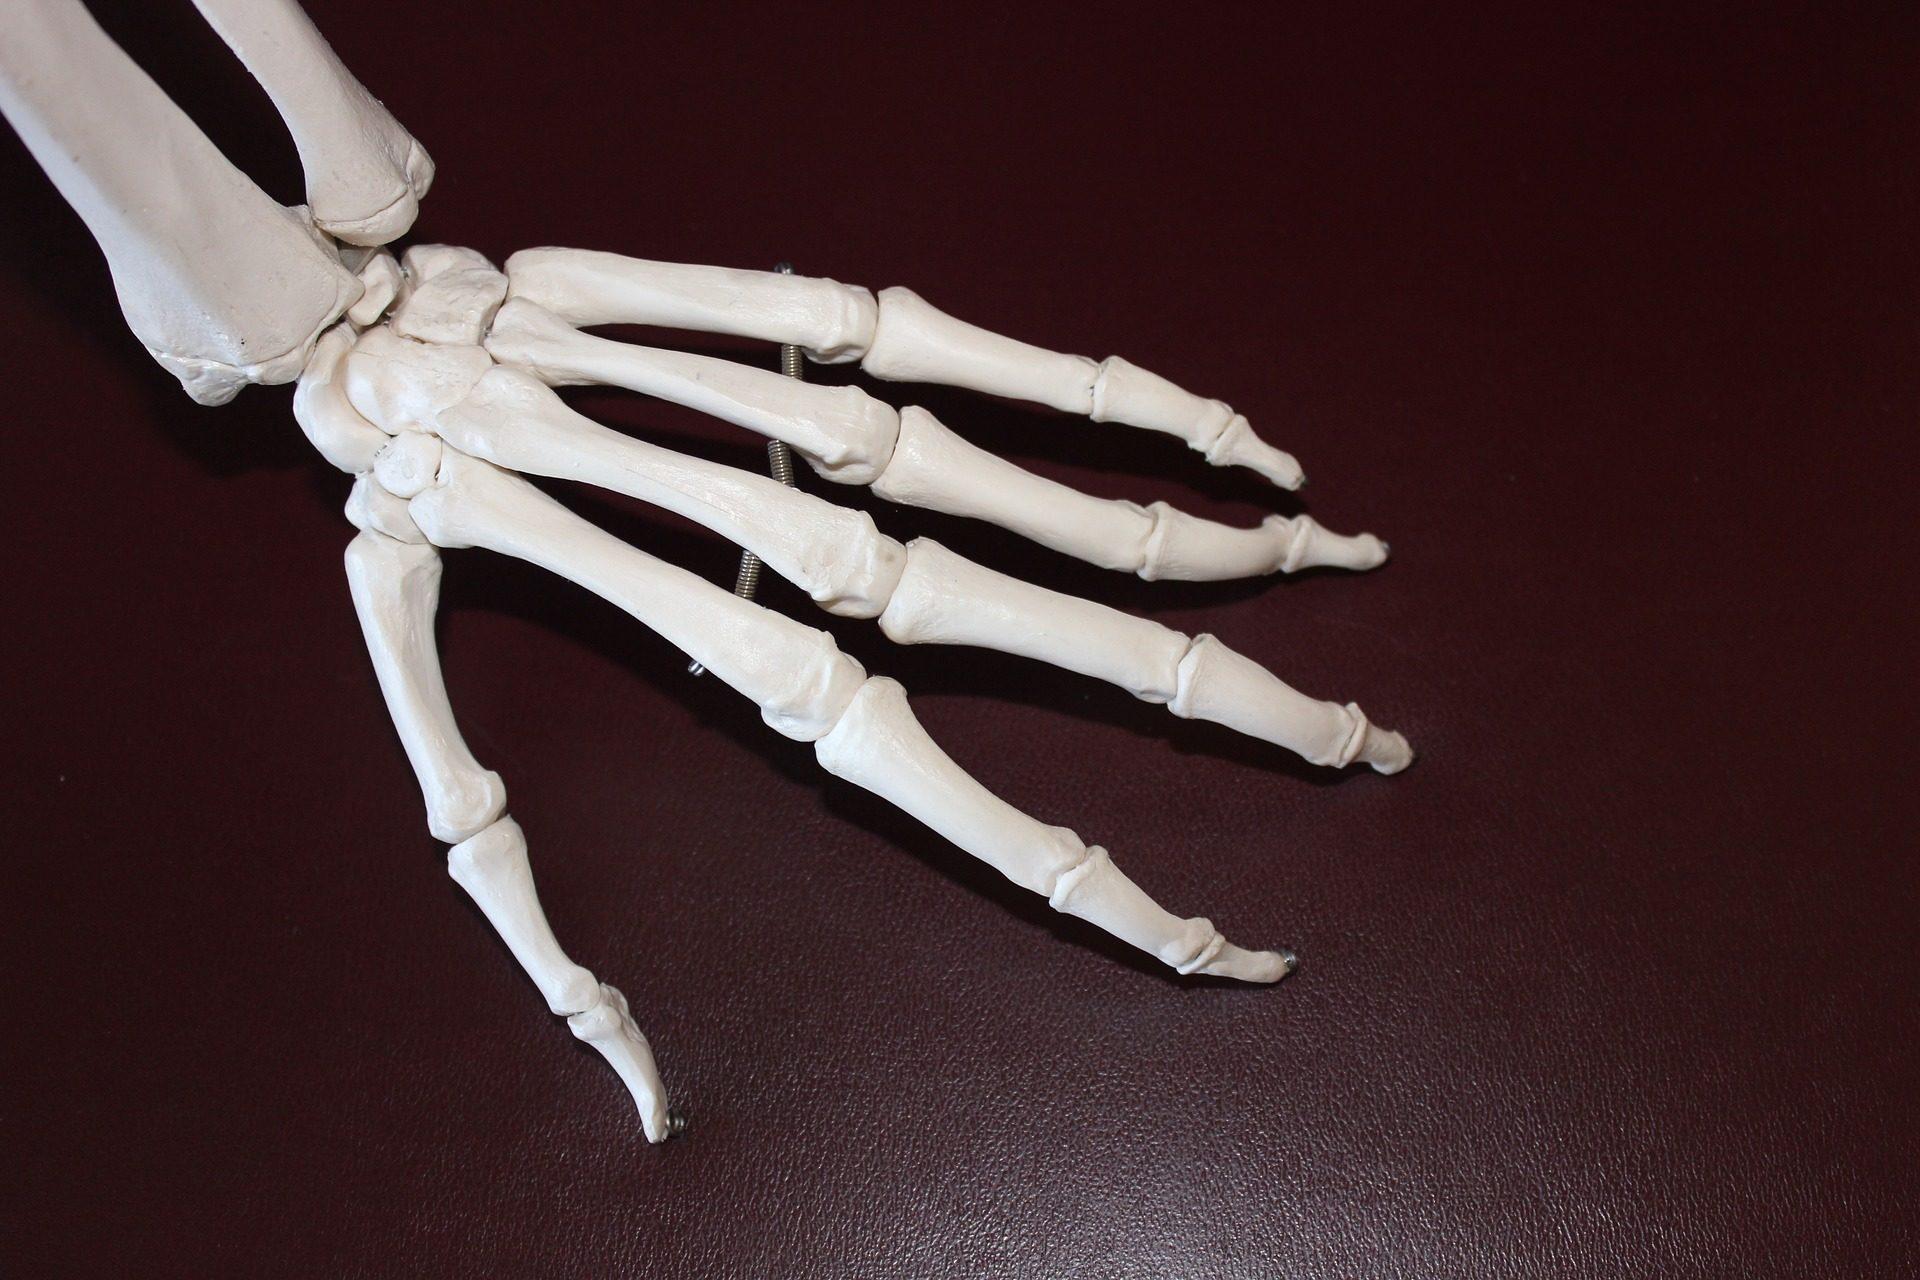 Ortopeda – lekarz od urazów?